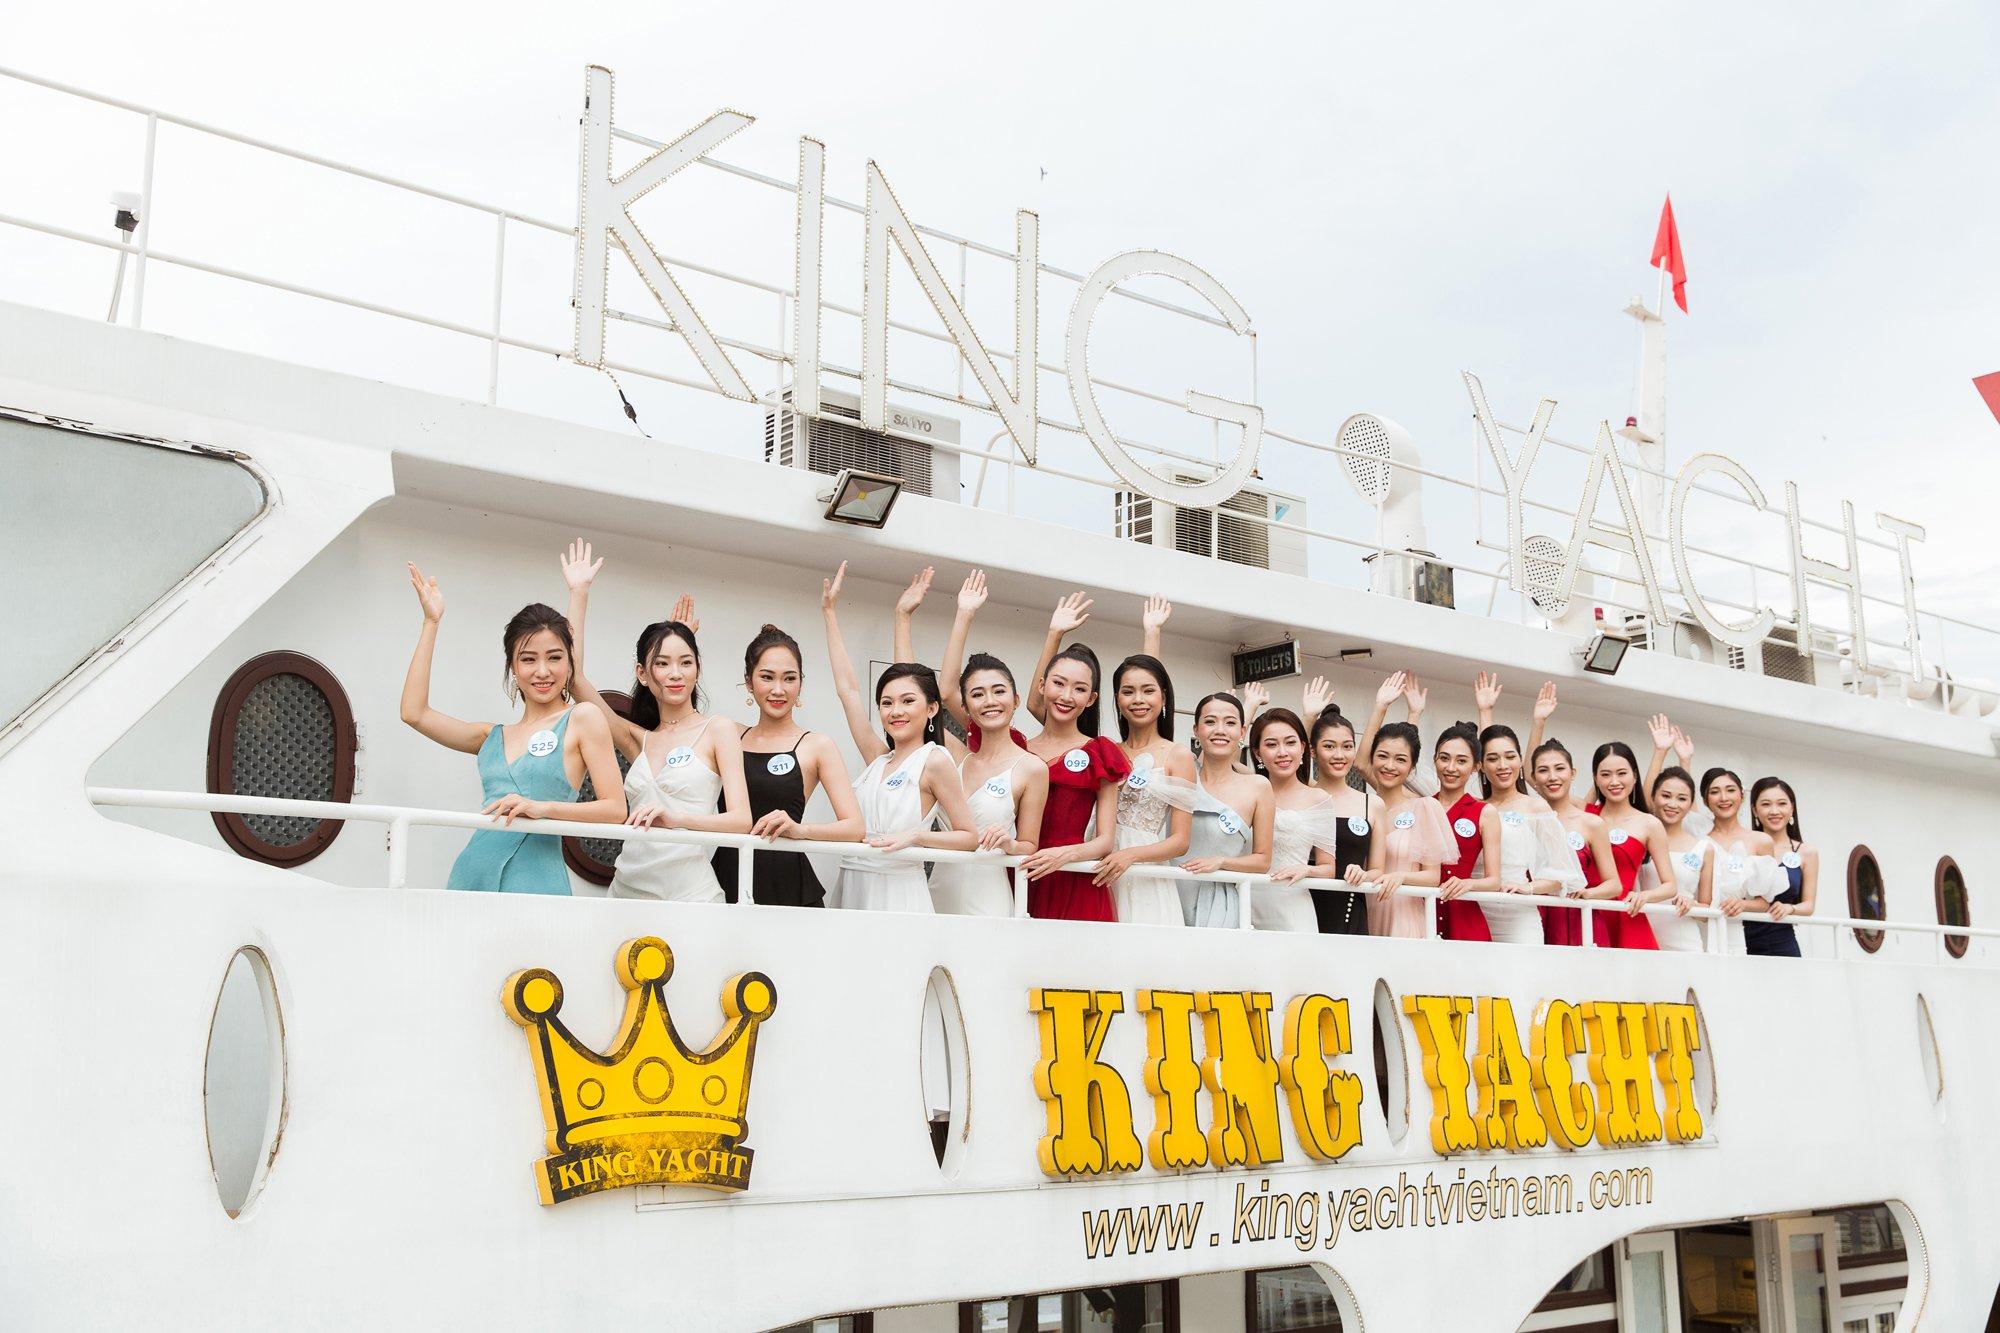 King Yacht Cruise đồng hành cùng Miss World Việt Nam 2019 - 20